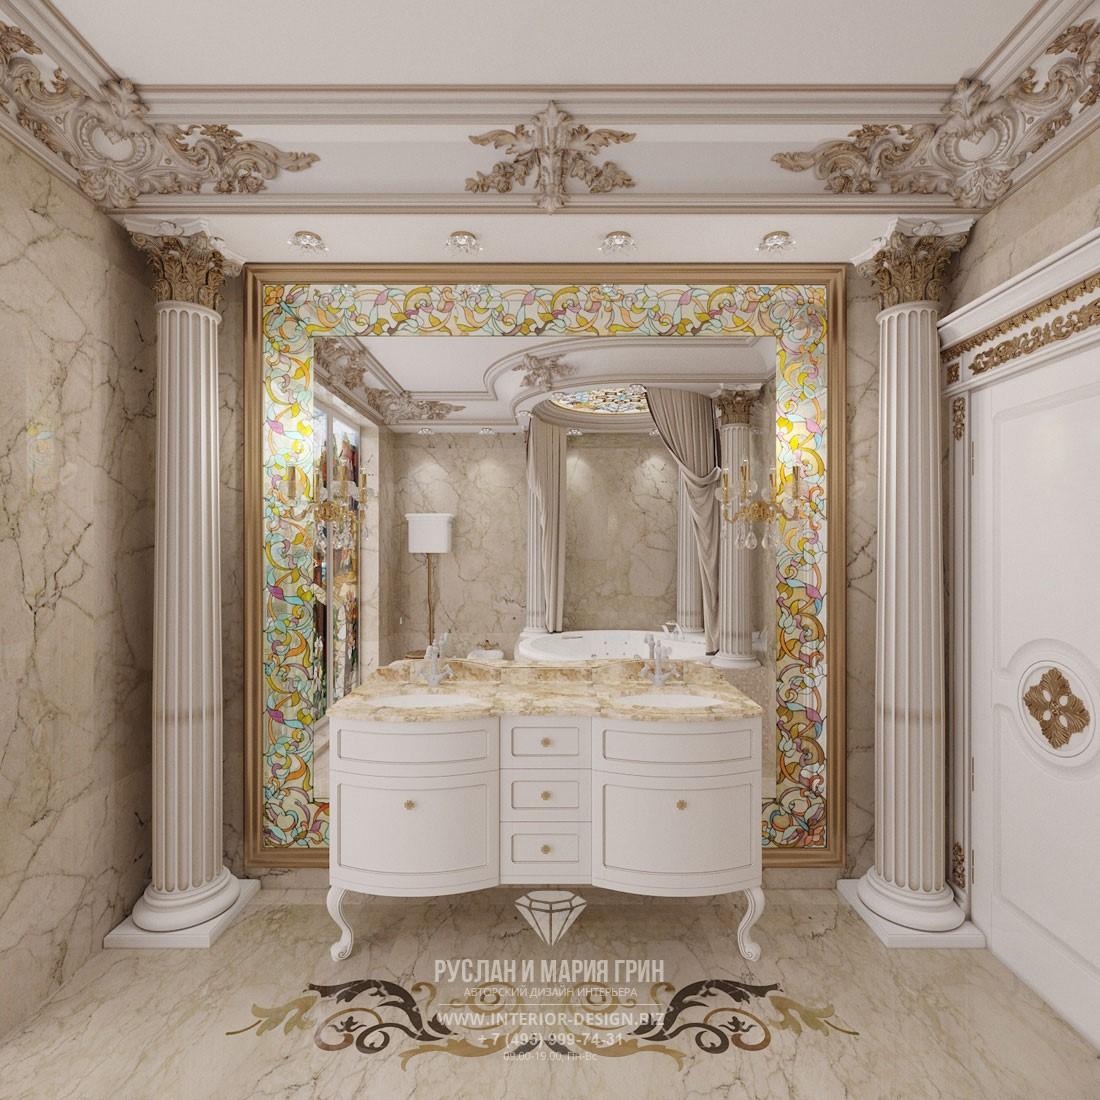 Дизайн ванной комнаты с колоннами в интерьере элитного загородного дома